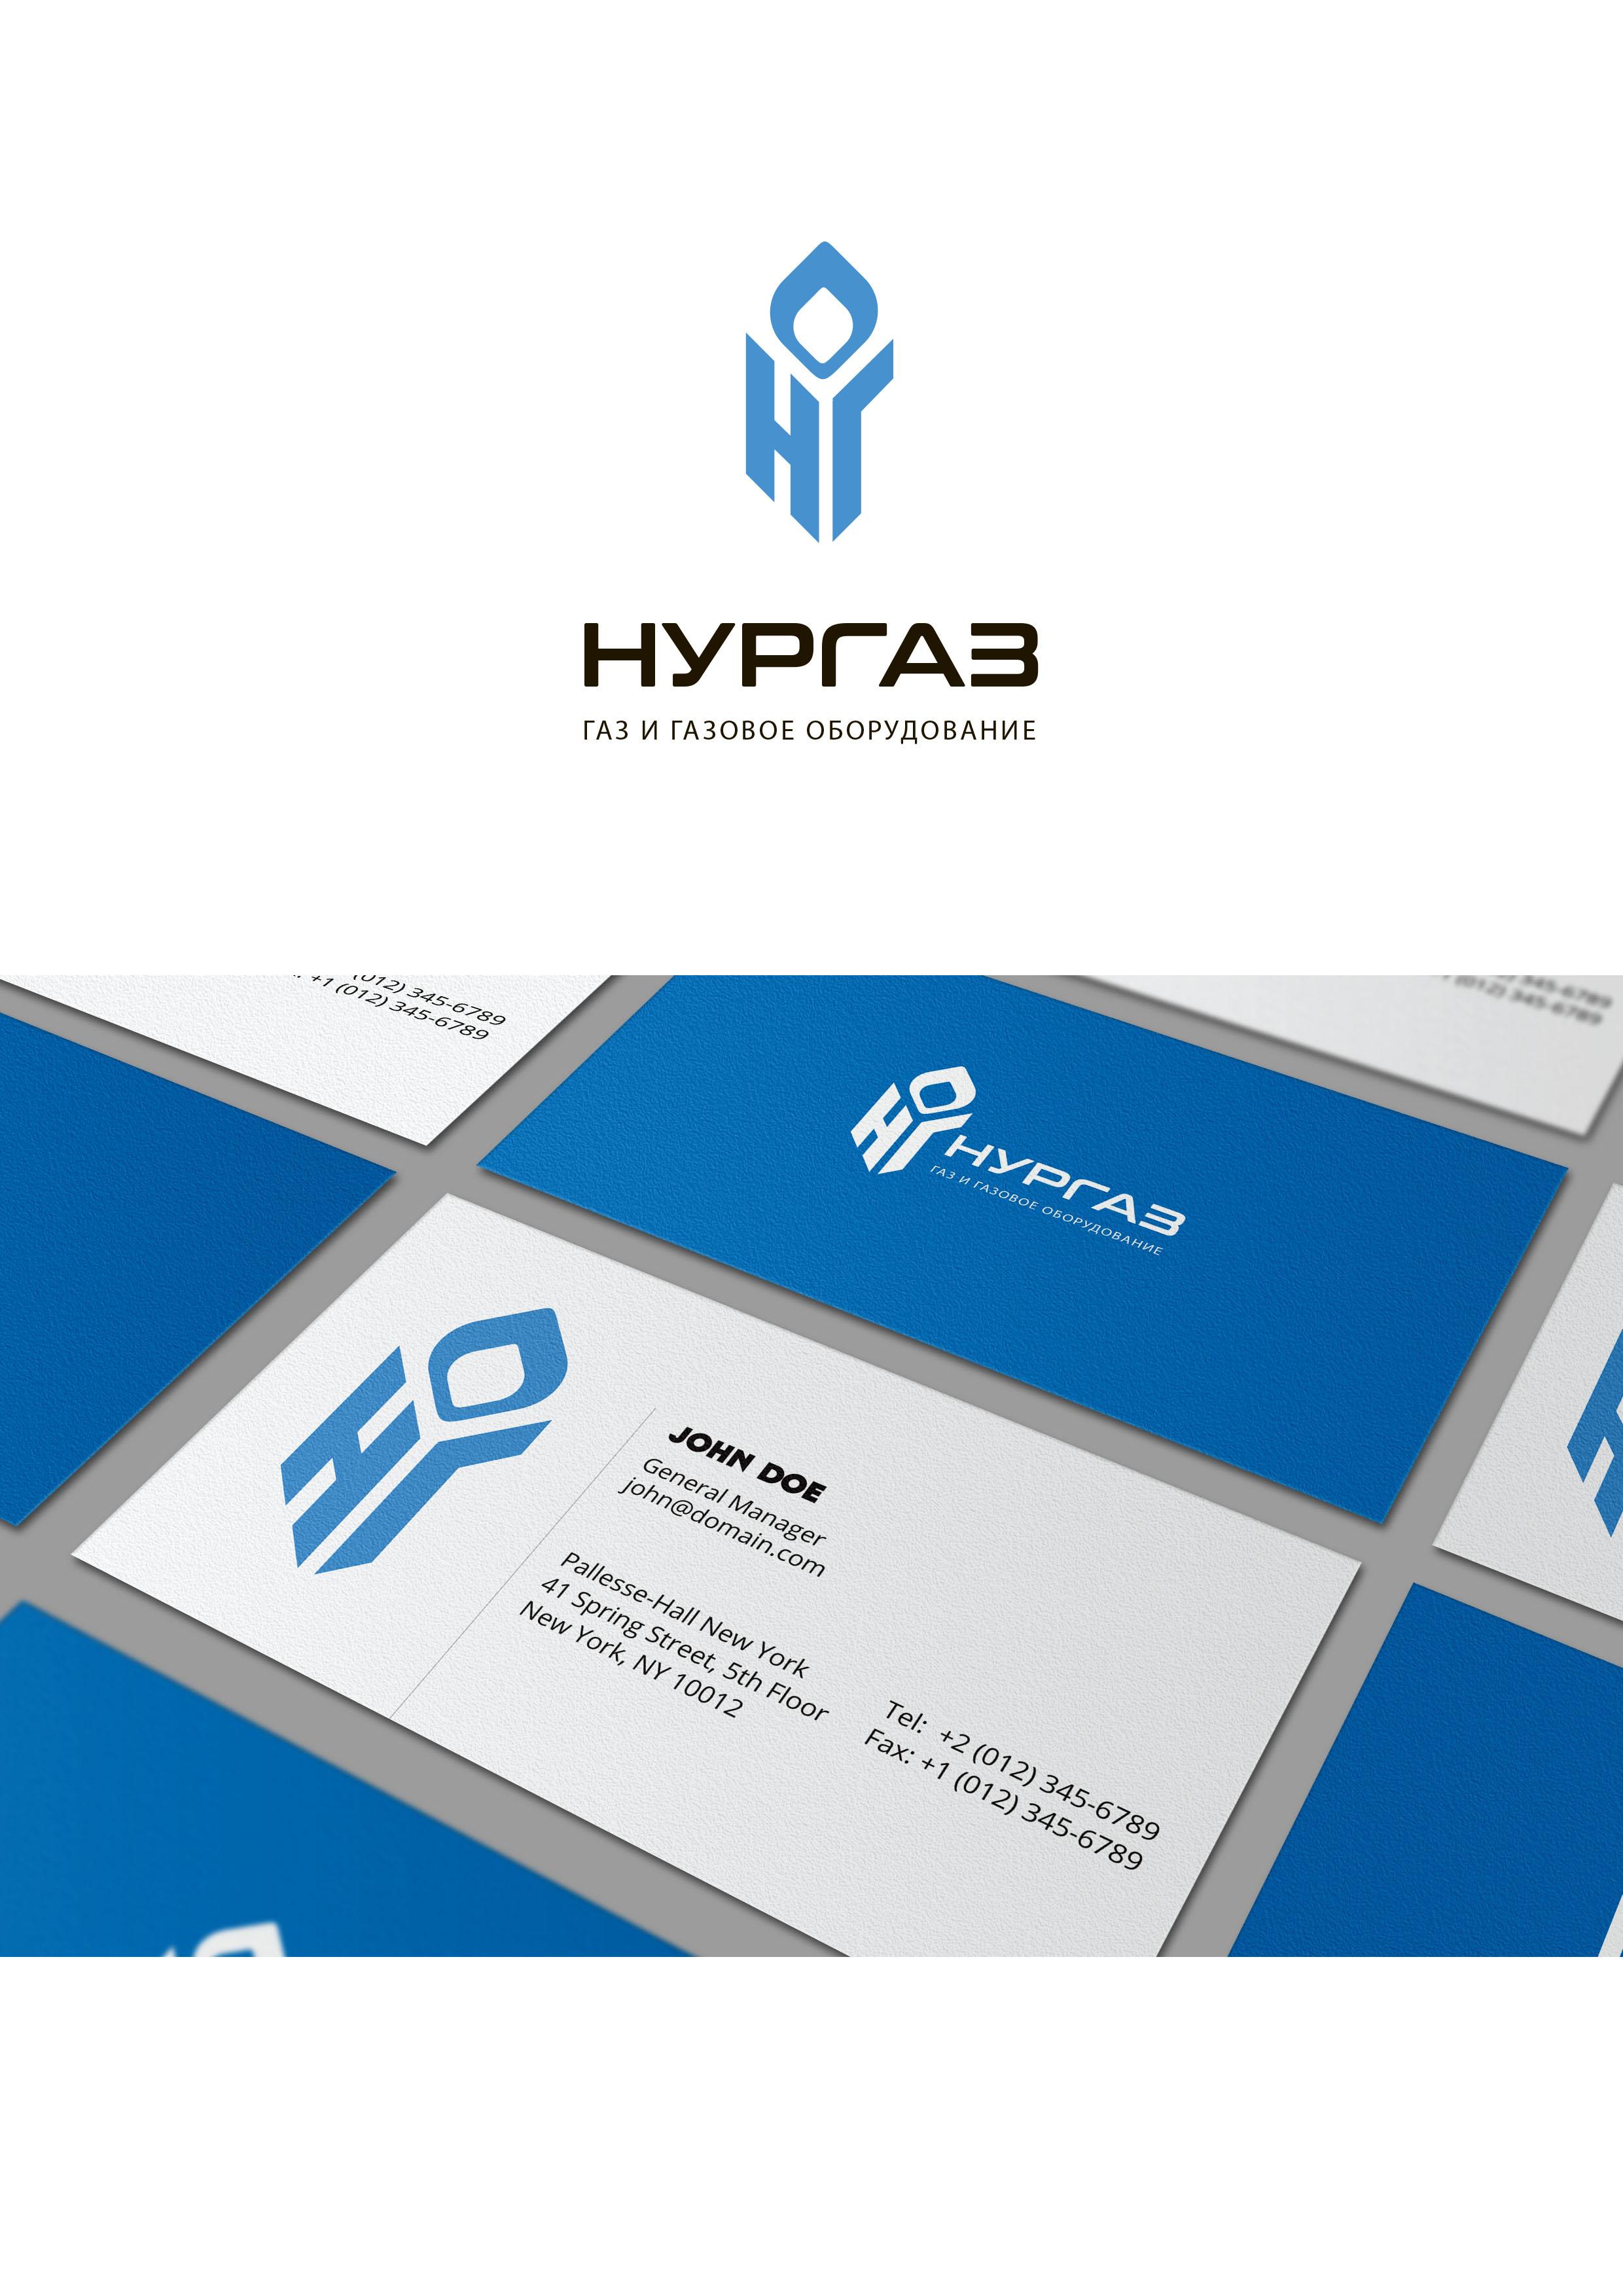 Разработка логотипа и фирменного стиля фото f_0855da0cdcb61ae5.jpg